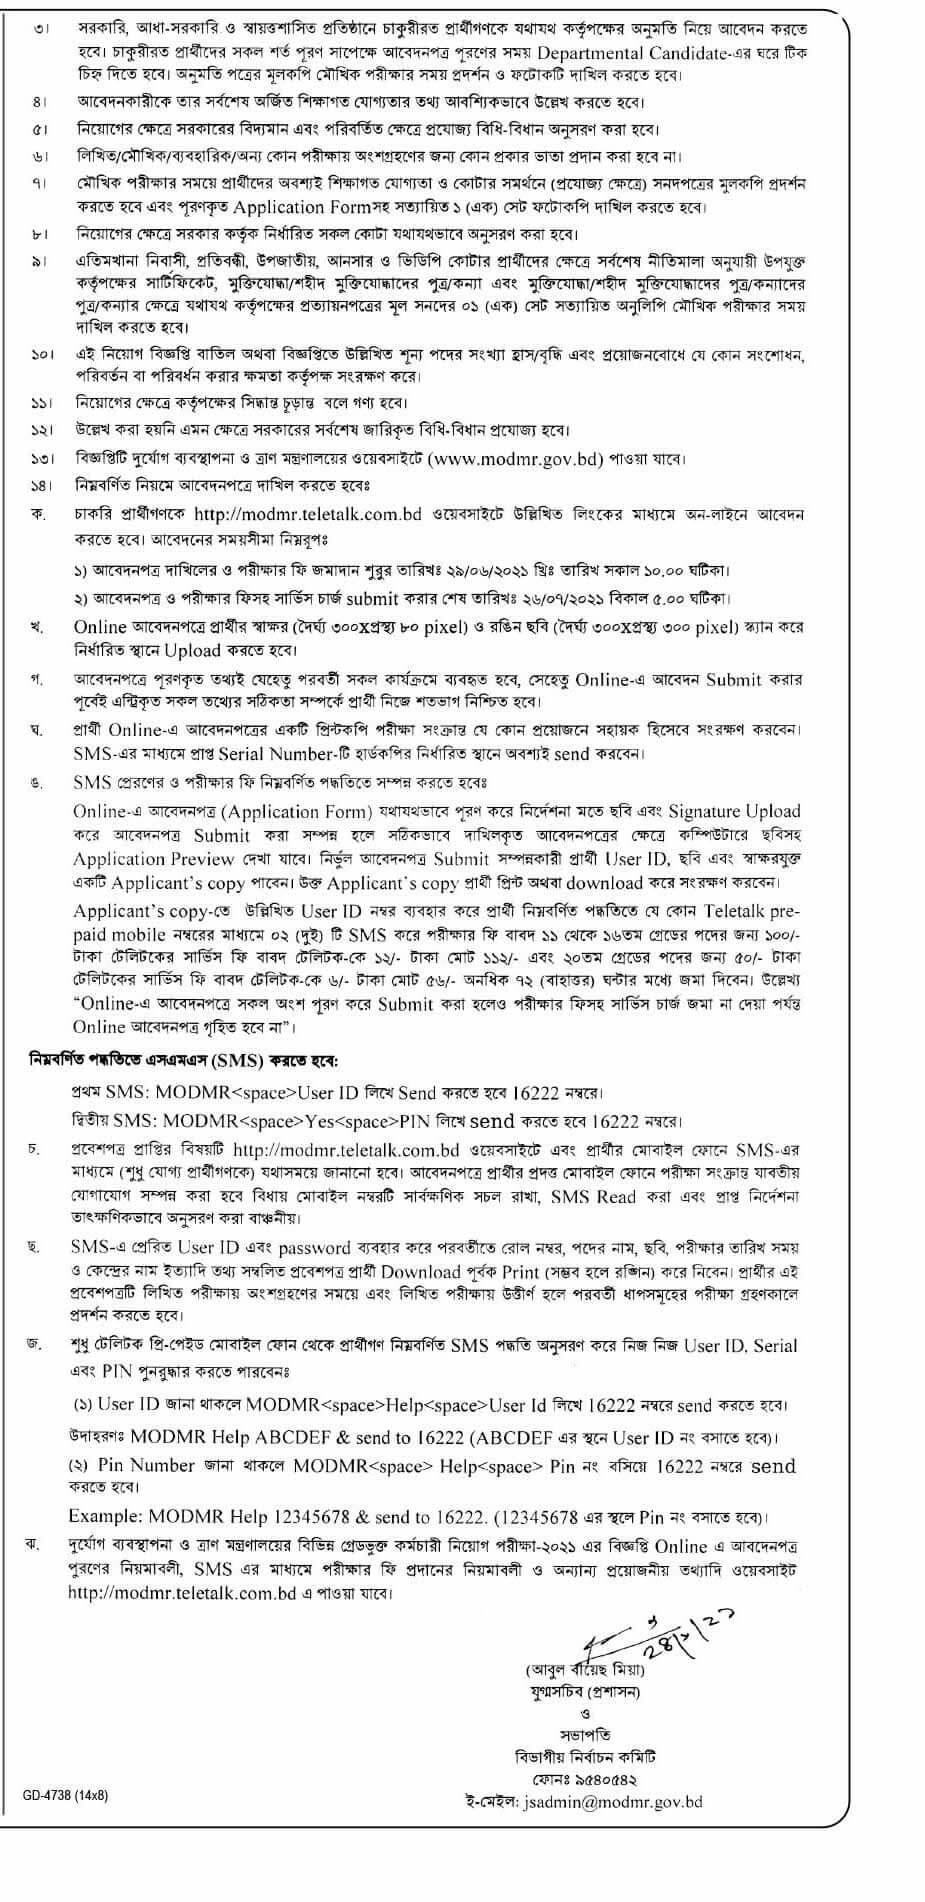 MODMR Teletalk com bd Job Circular 2021